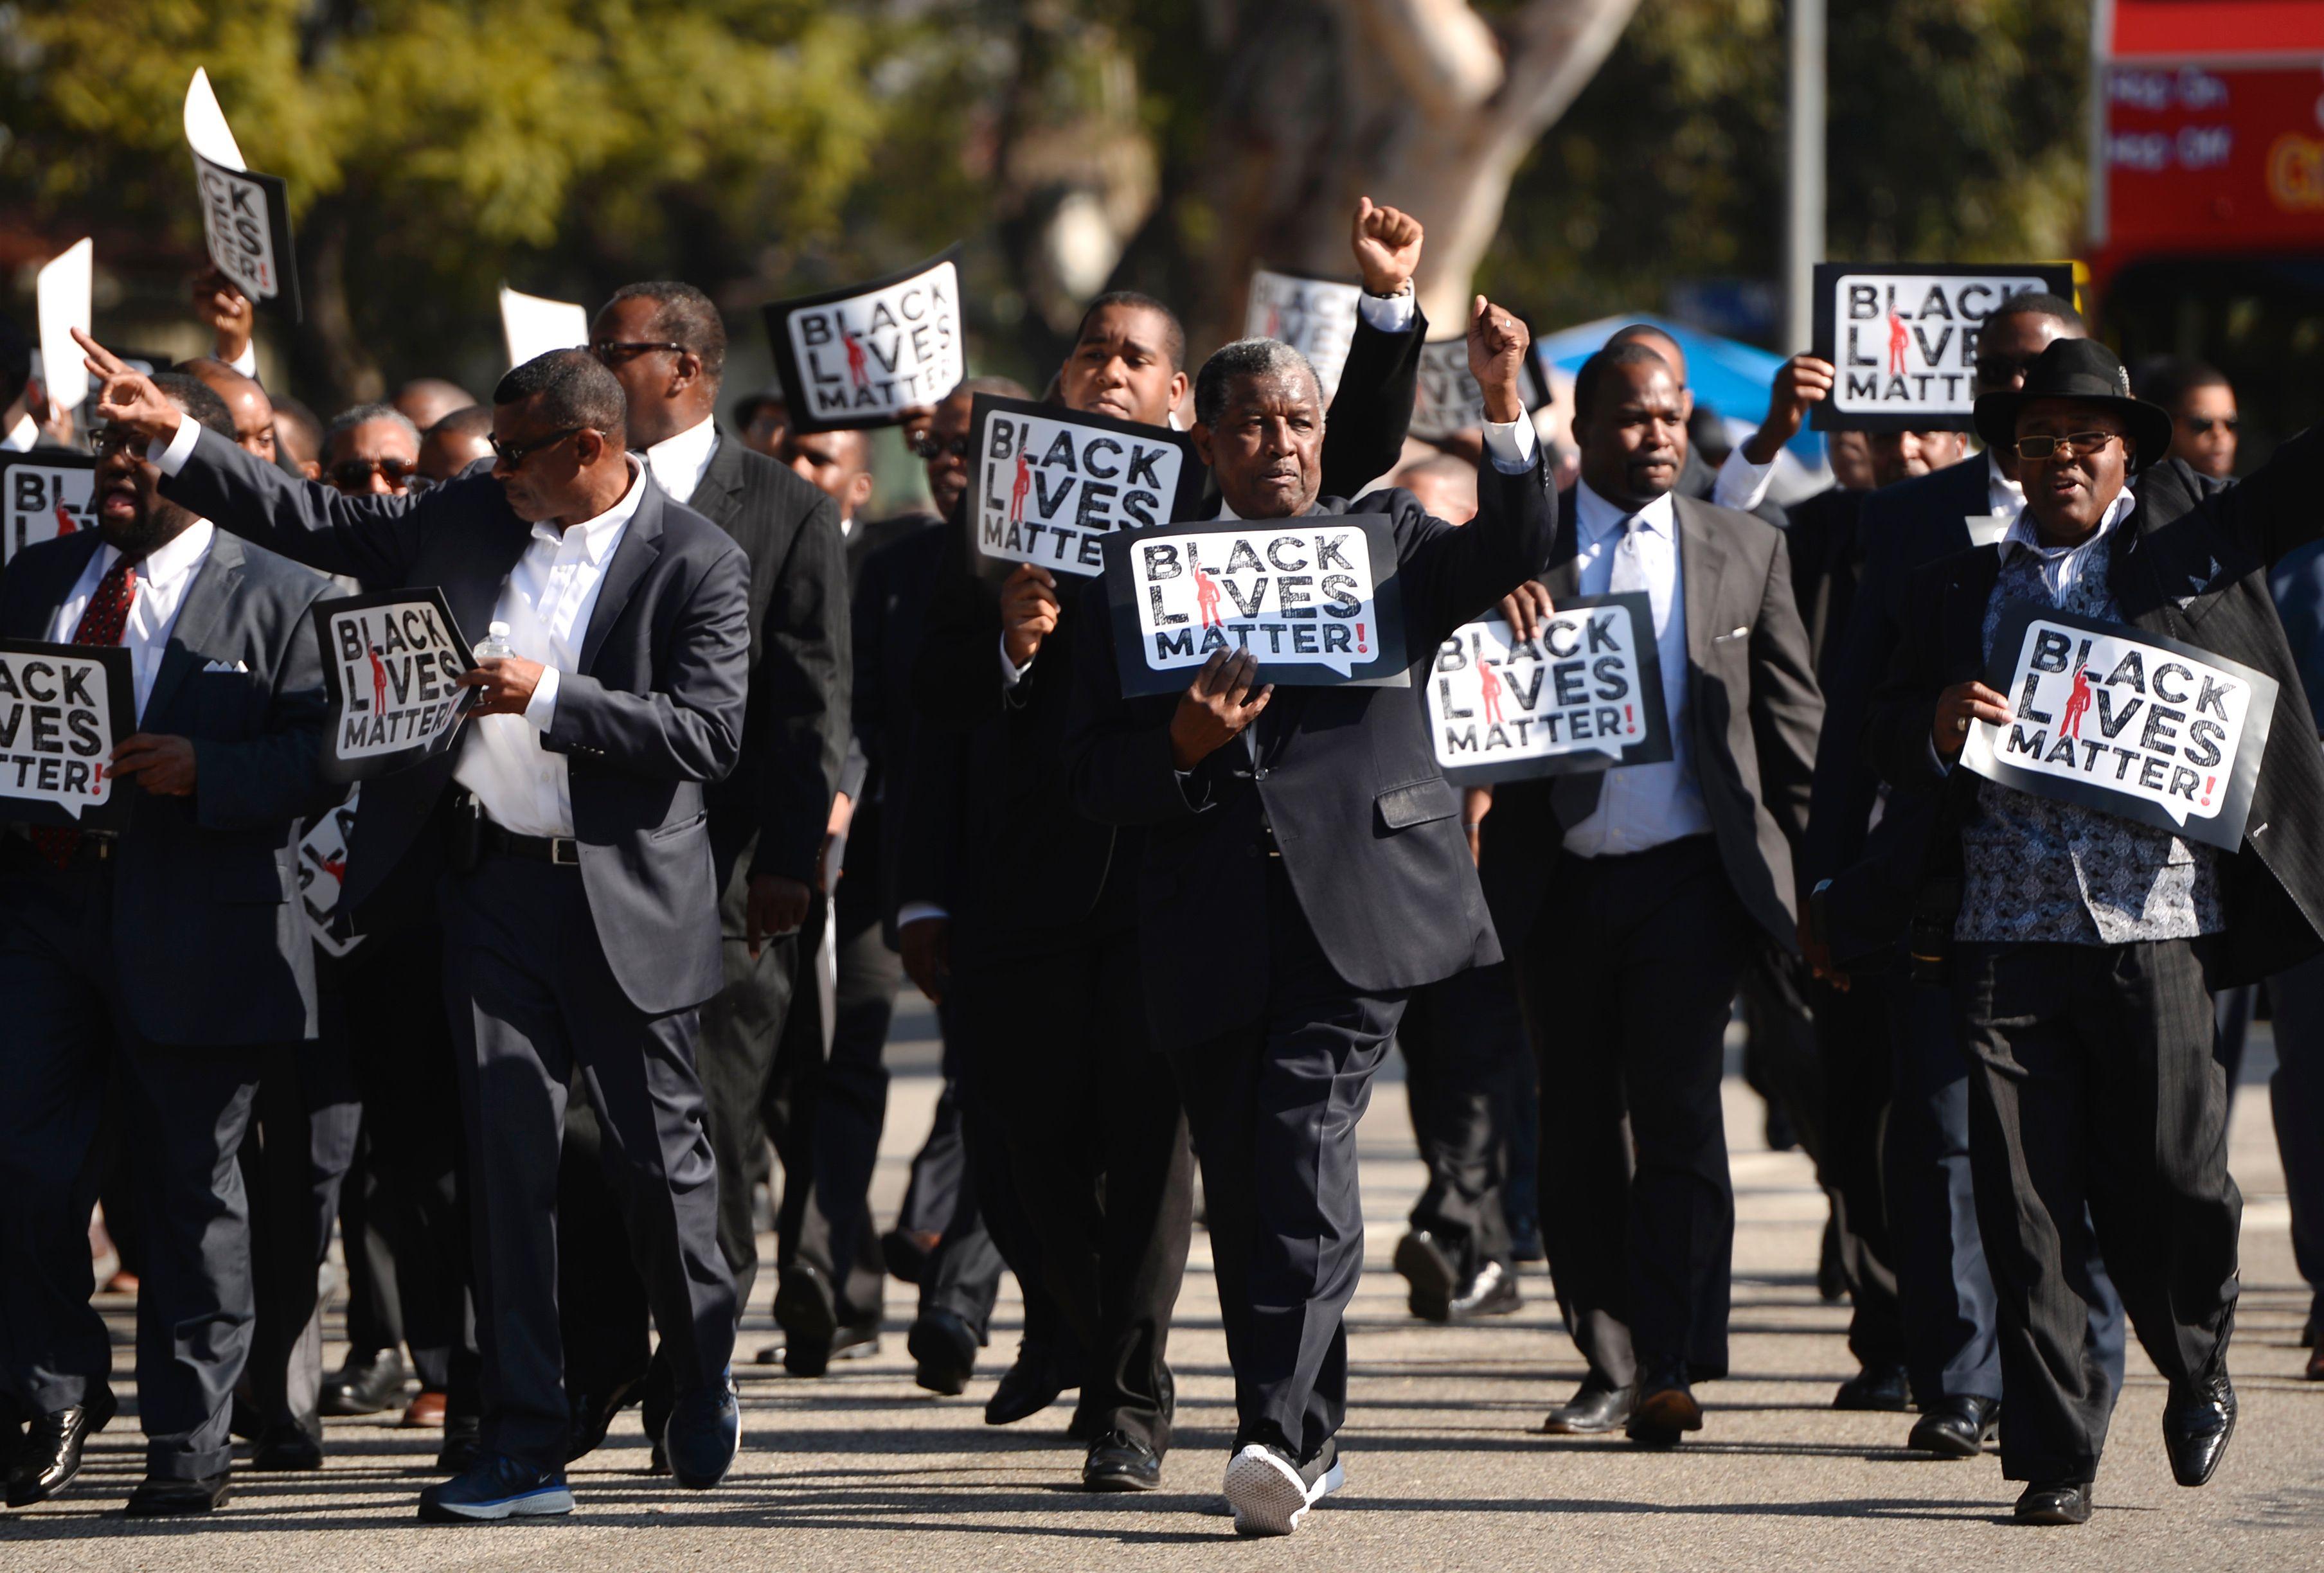 udland politistyrke i usa efterforskes for drab paa sort mand